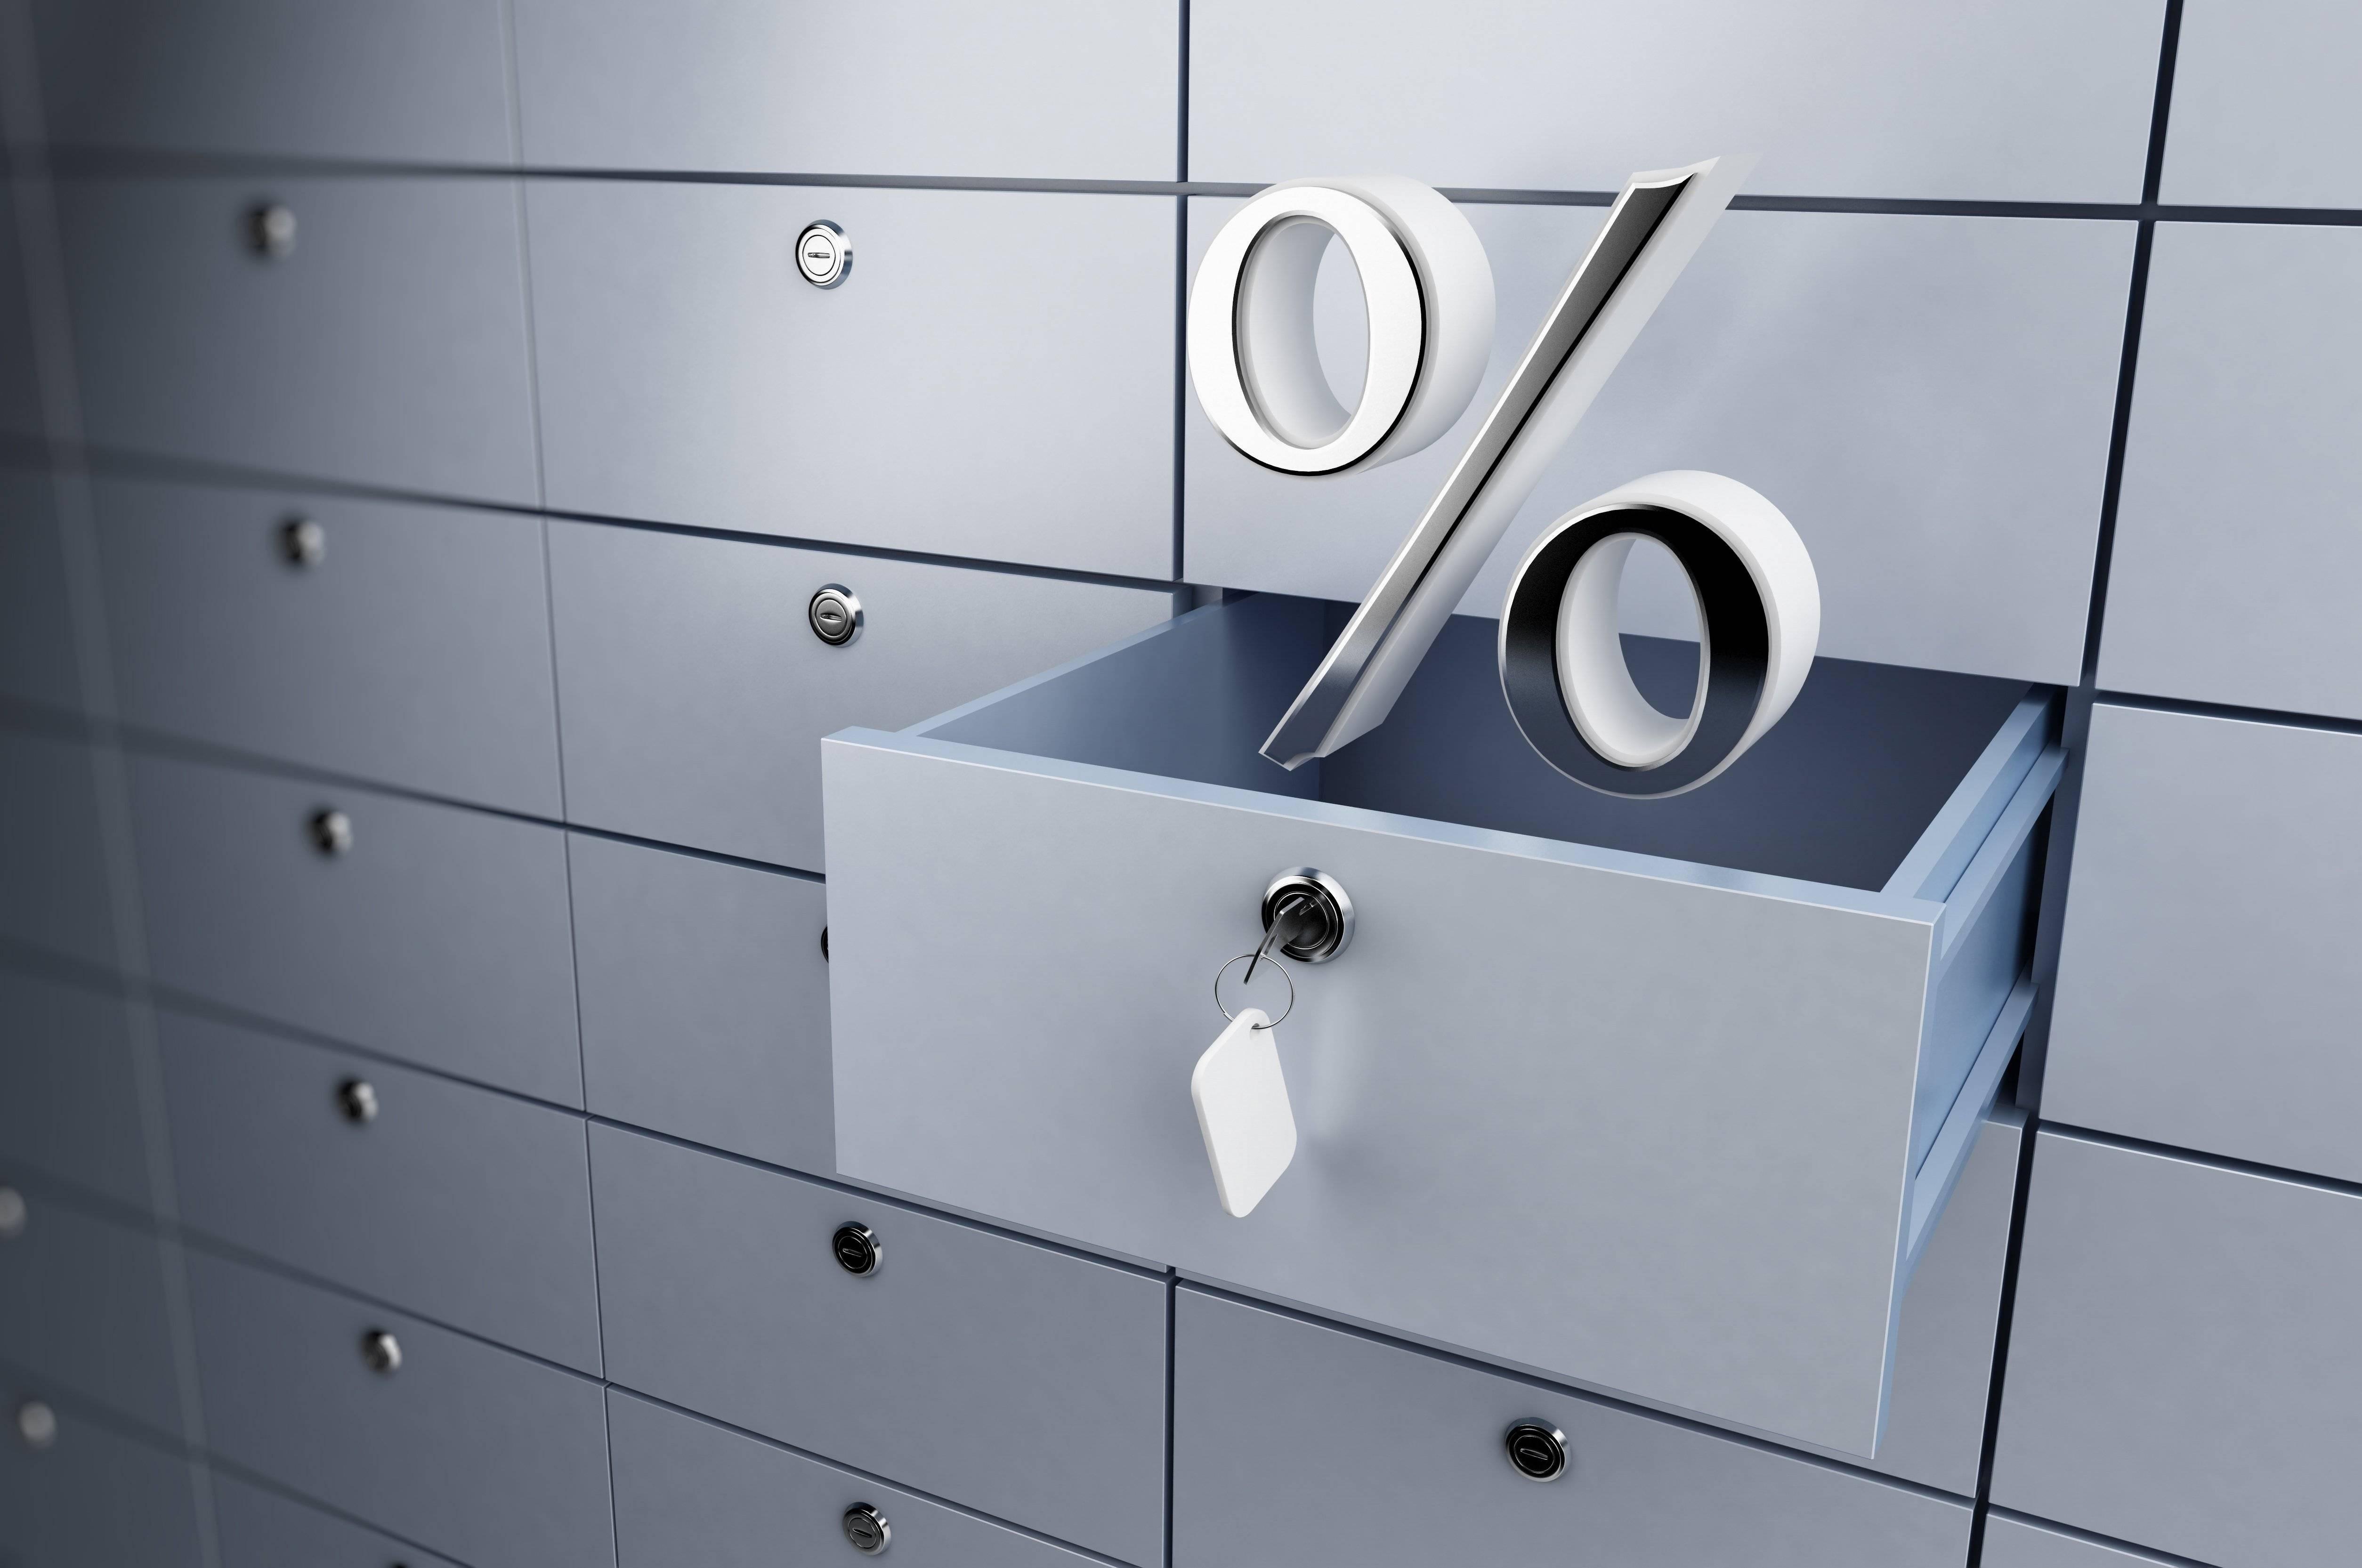 Накопительный счет в банке